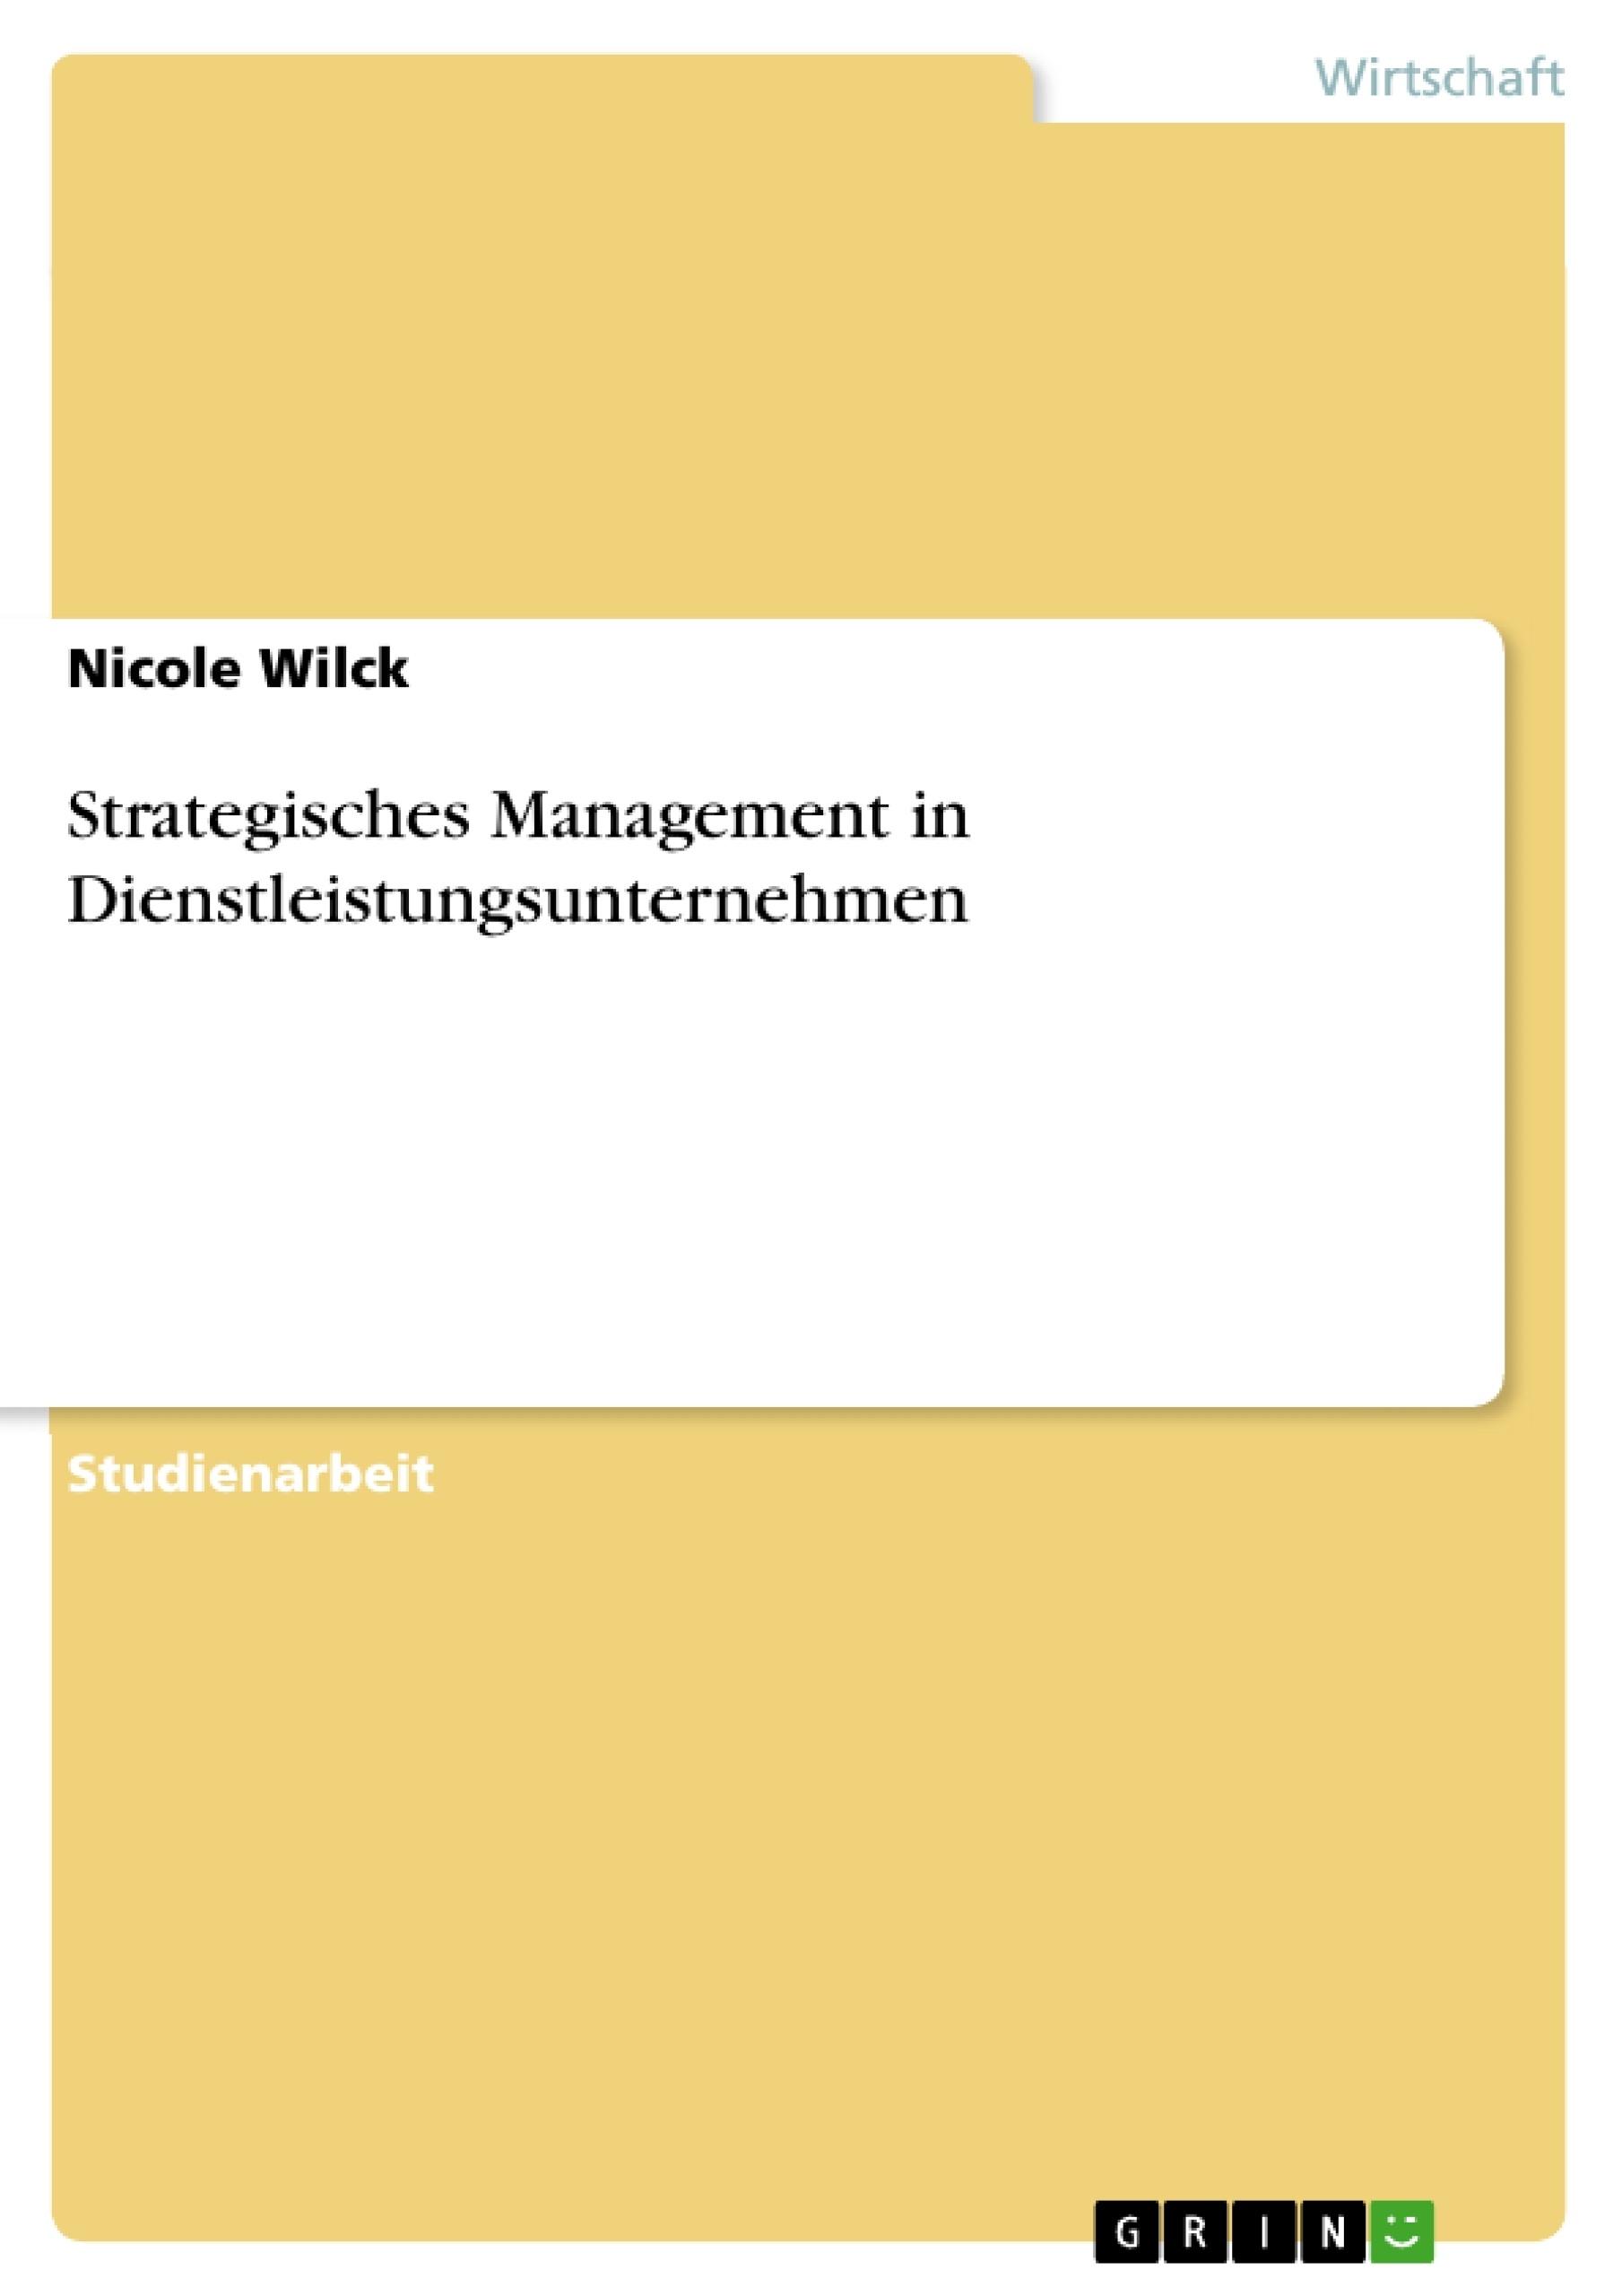 Titel: Strategisches Management in Dienstleistungsunternehmen